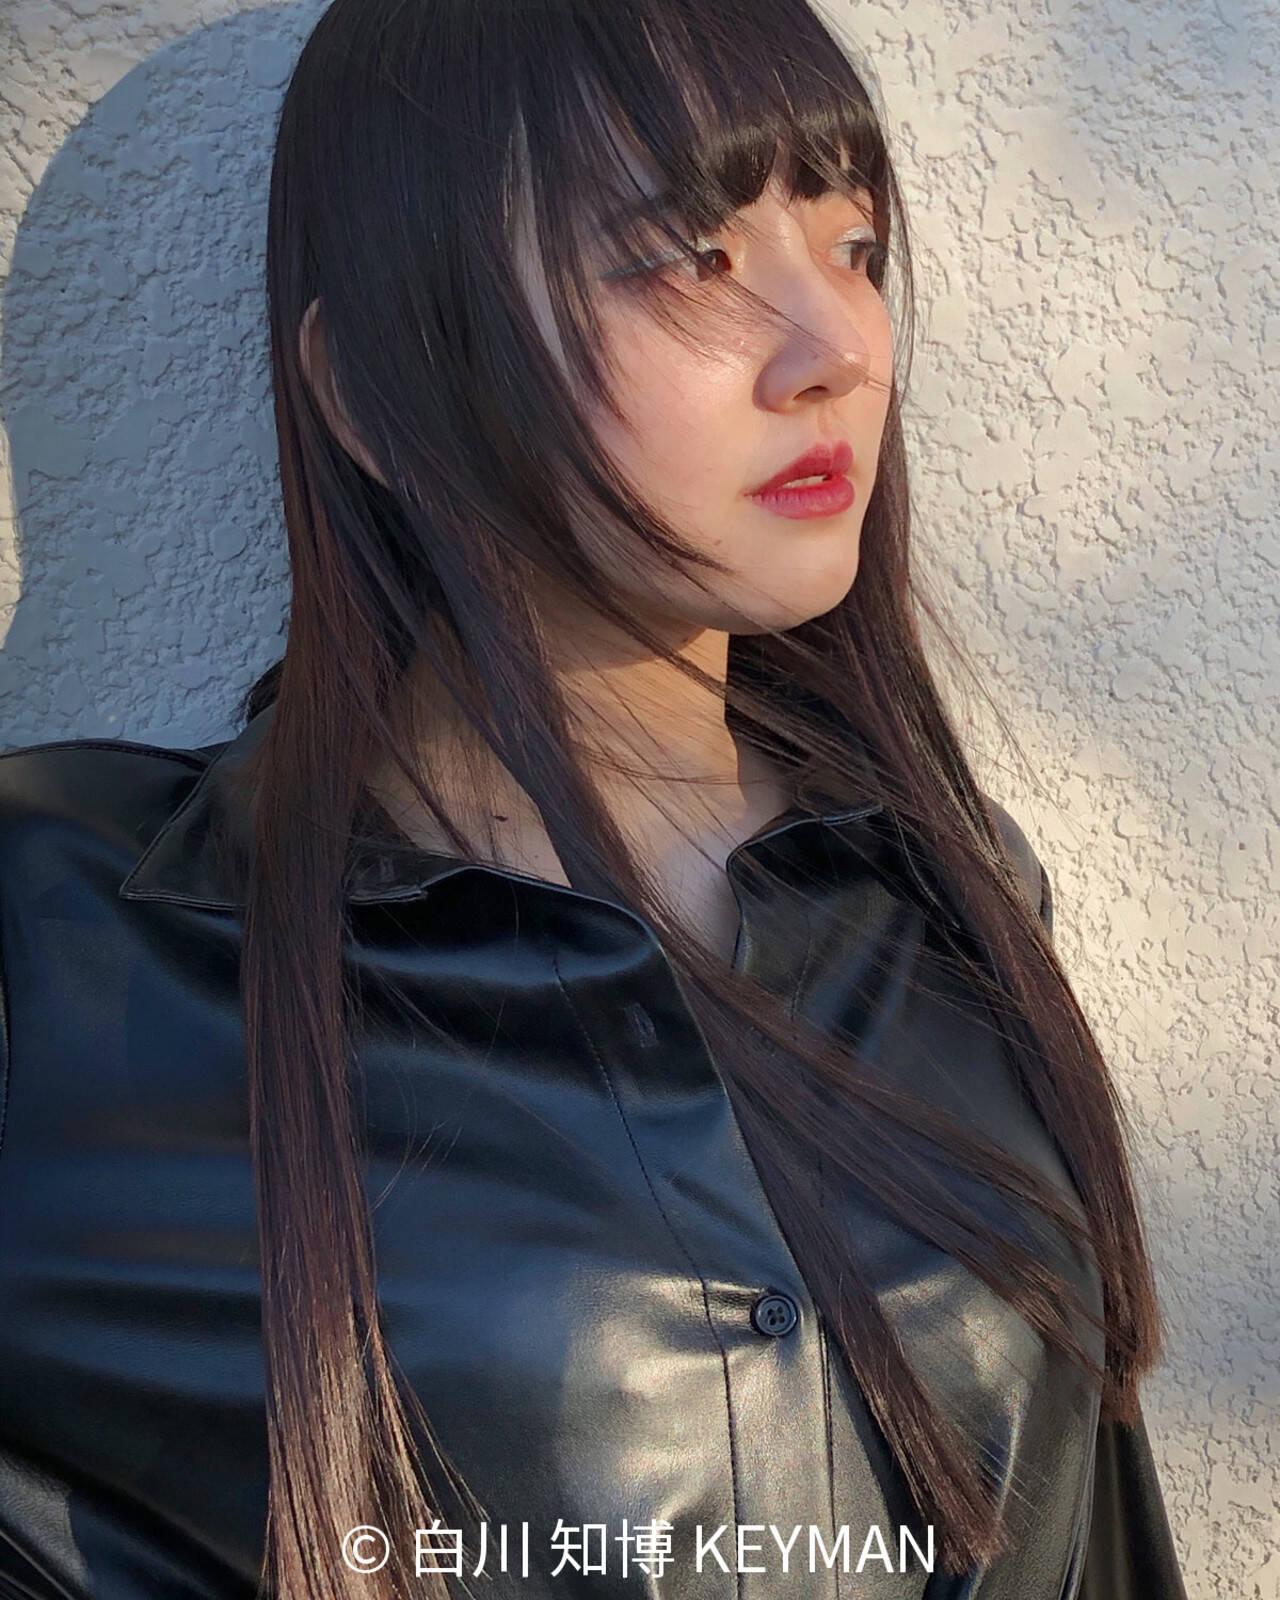 レイヤーカット 切りっぱなし ロング 黒髪ヘアスタイルや髪型の写真・画像